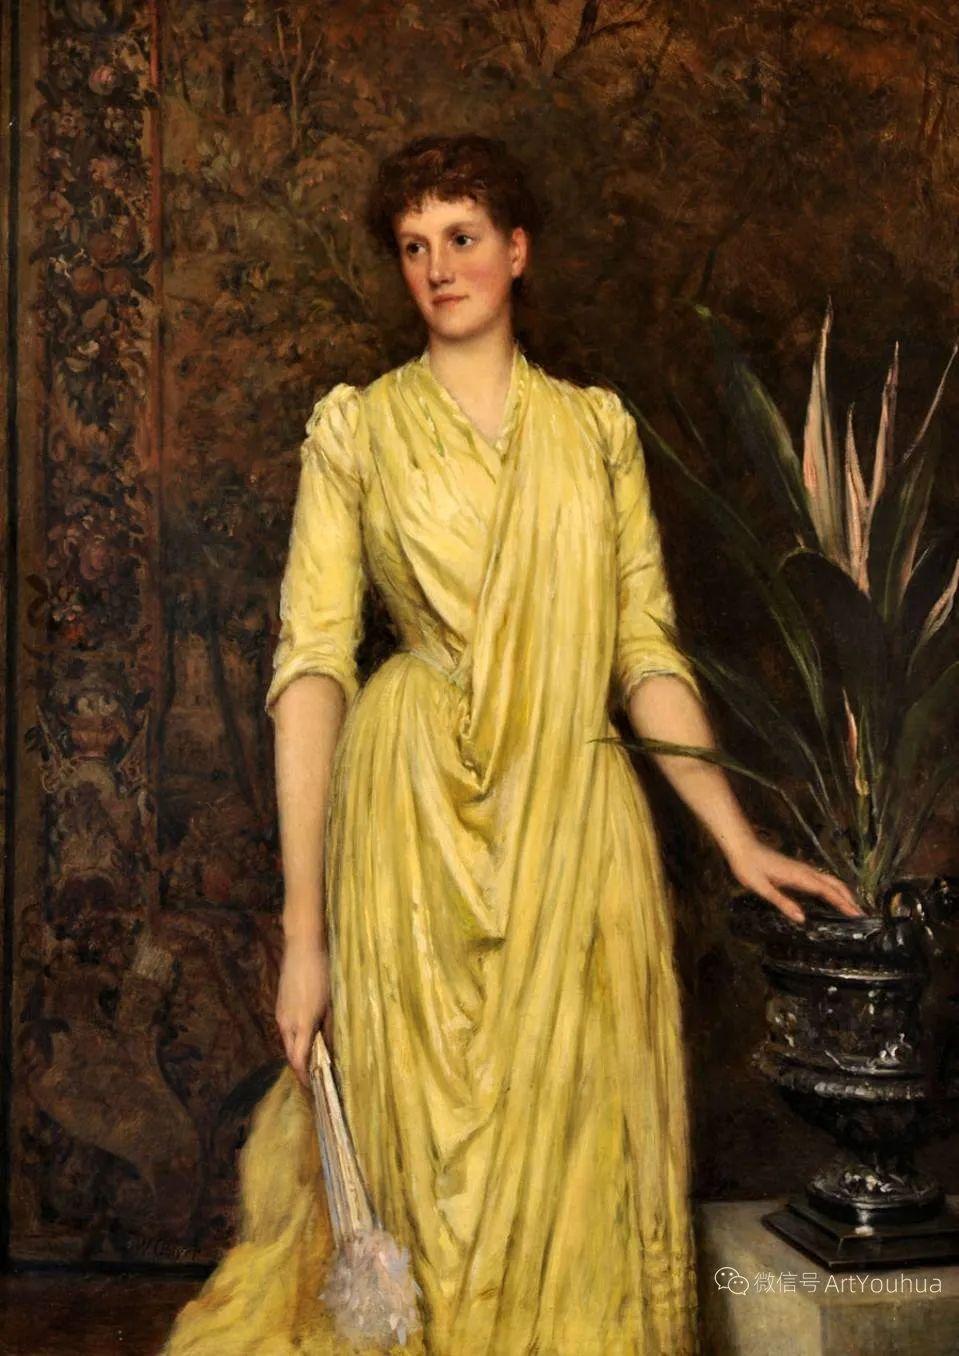 纯情与美丽,英国画家威廉·奥利弗作品选插图43